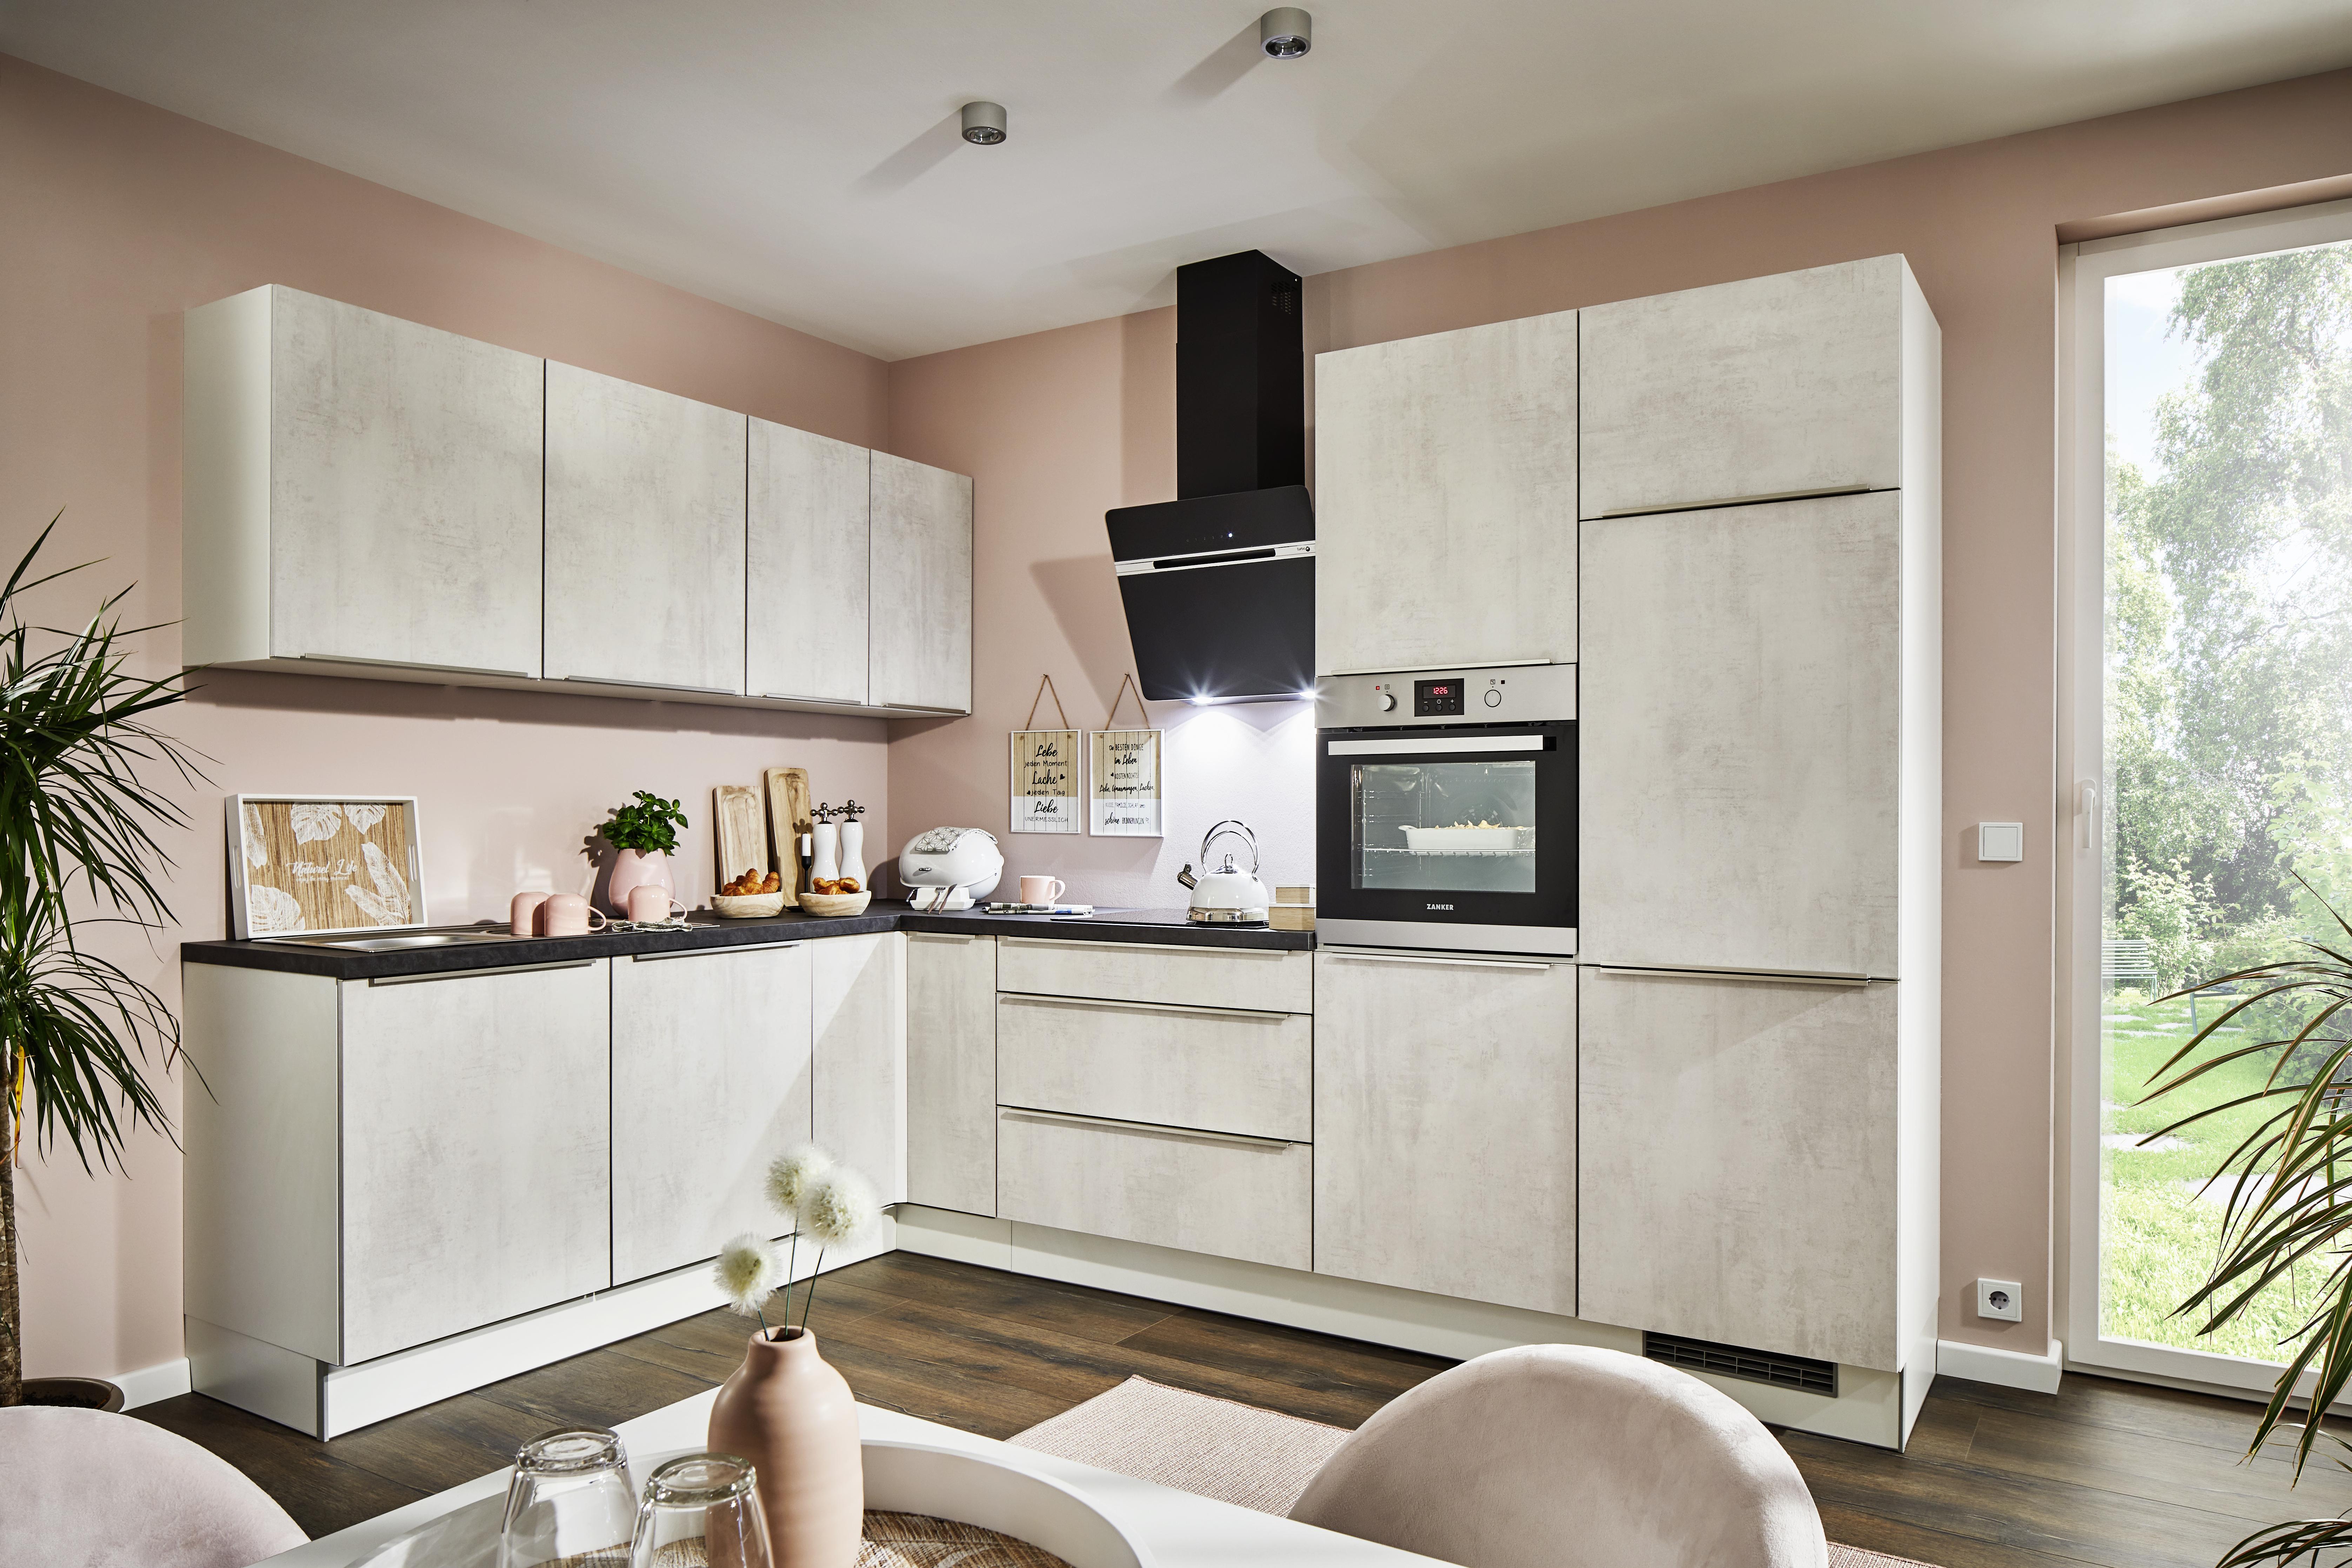 Küchenstudio Outlet Pforzheim » Küchen kaufen - Küche&Co